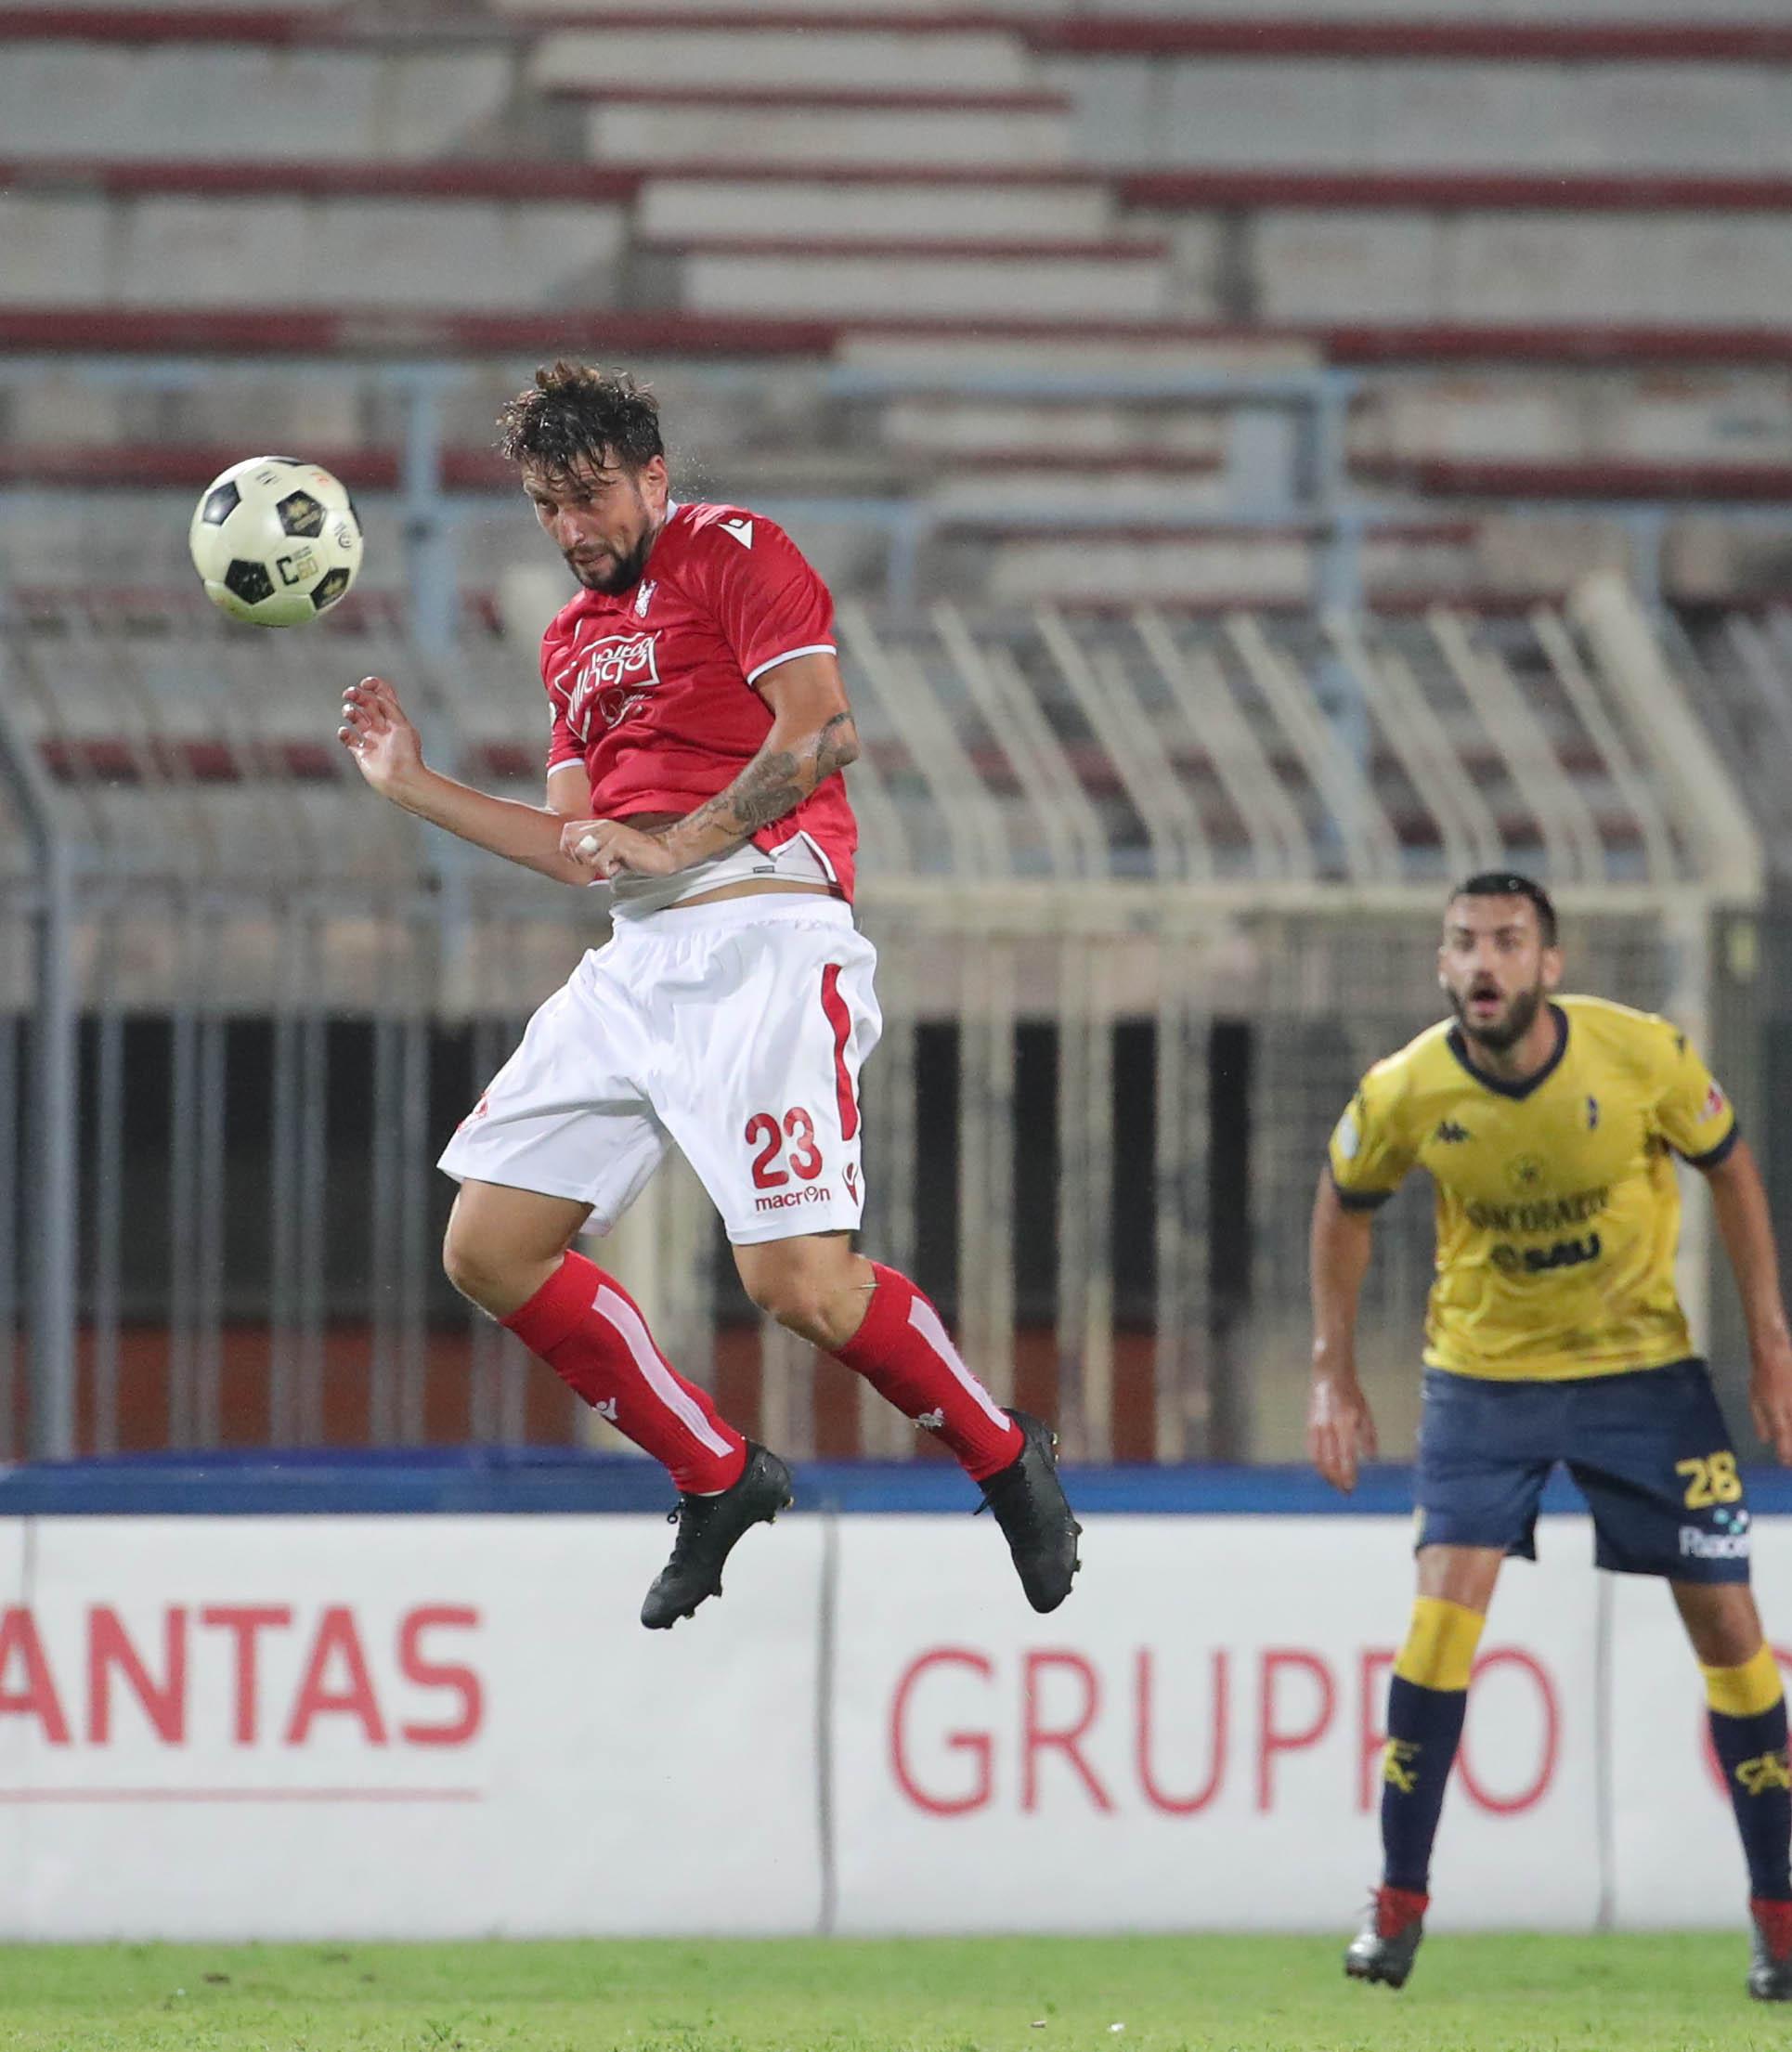 Al riposo con i biancorossi sotto di un gol. Triestina-Piacenza 1-0